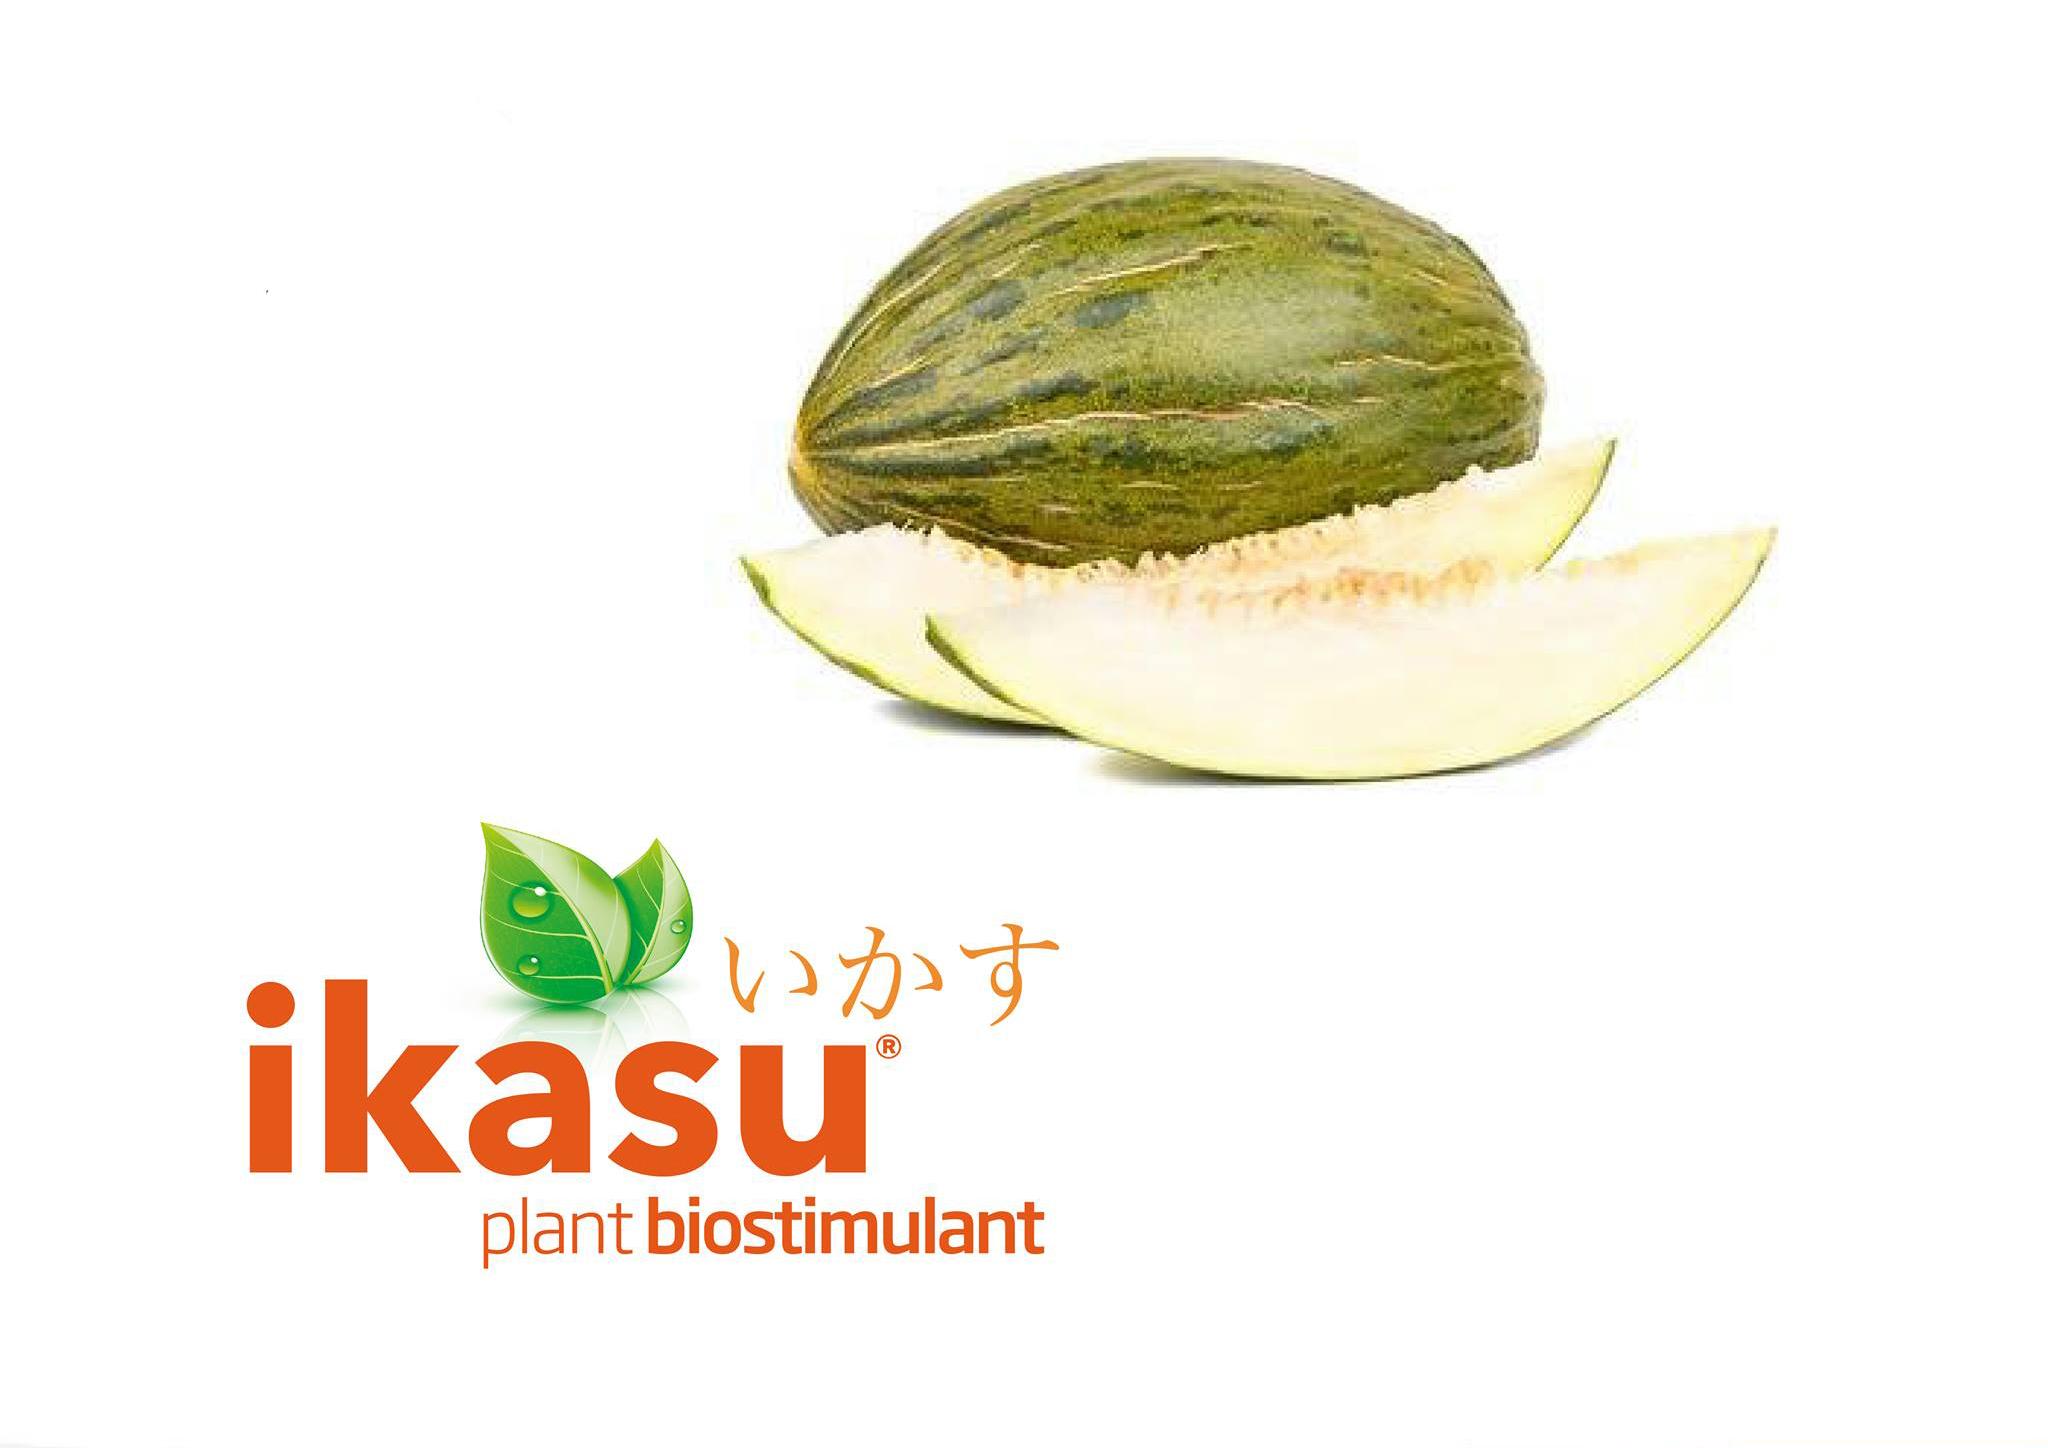 Nuevo Bioestimulante para aumentar la cantidad final de cosecha en el melón